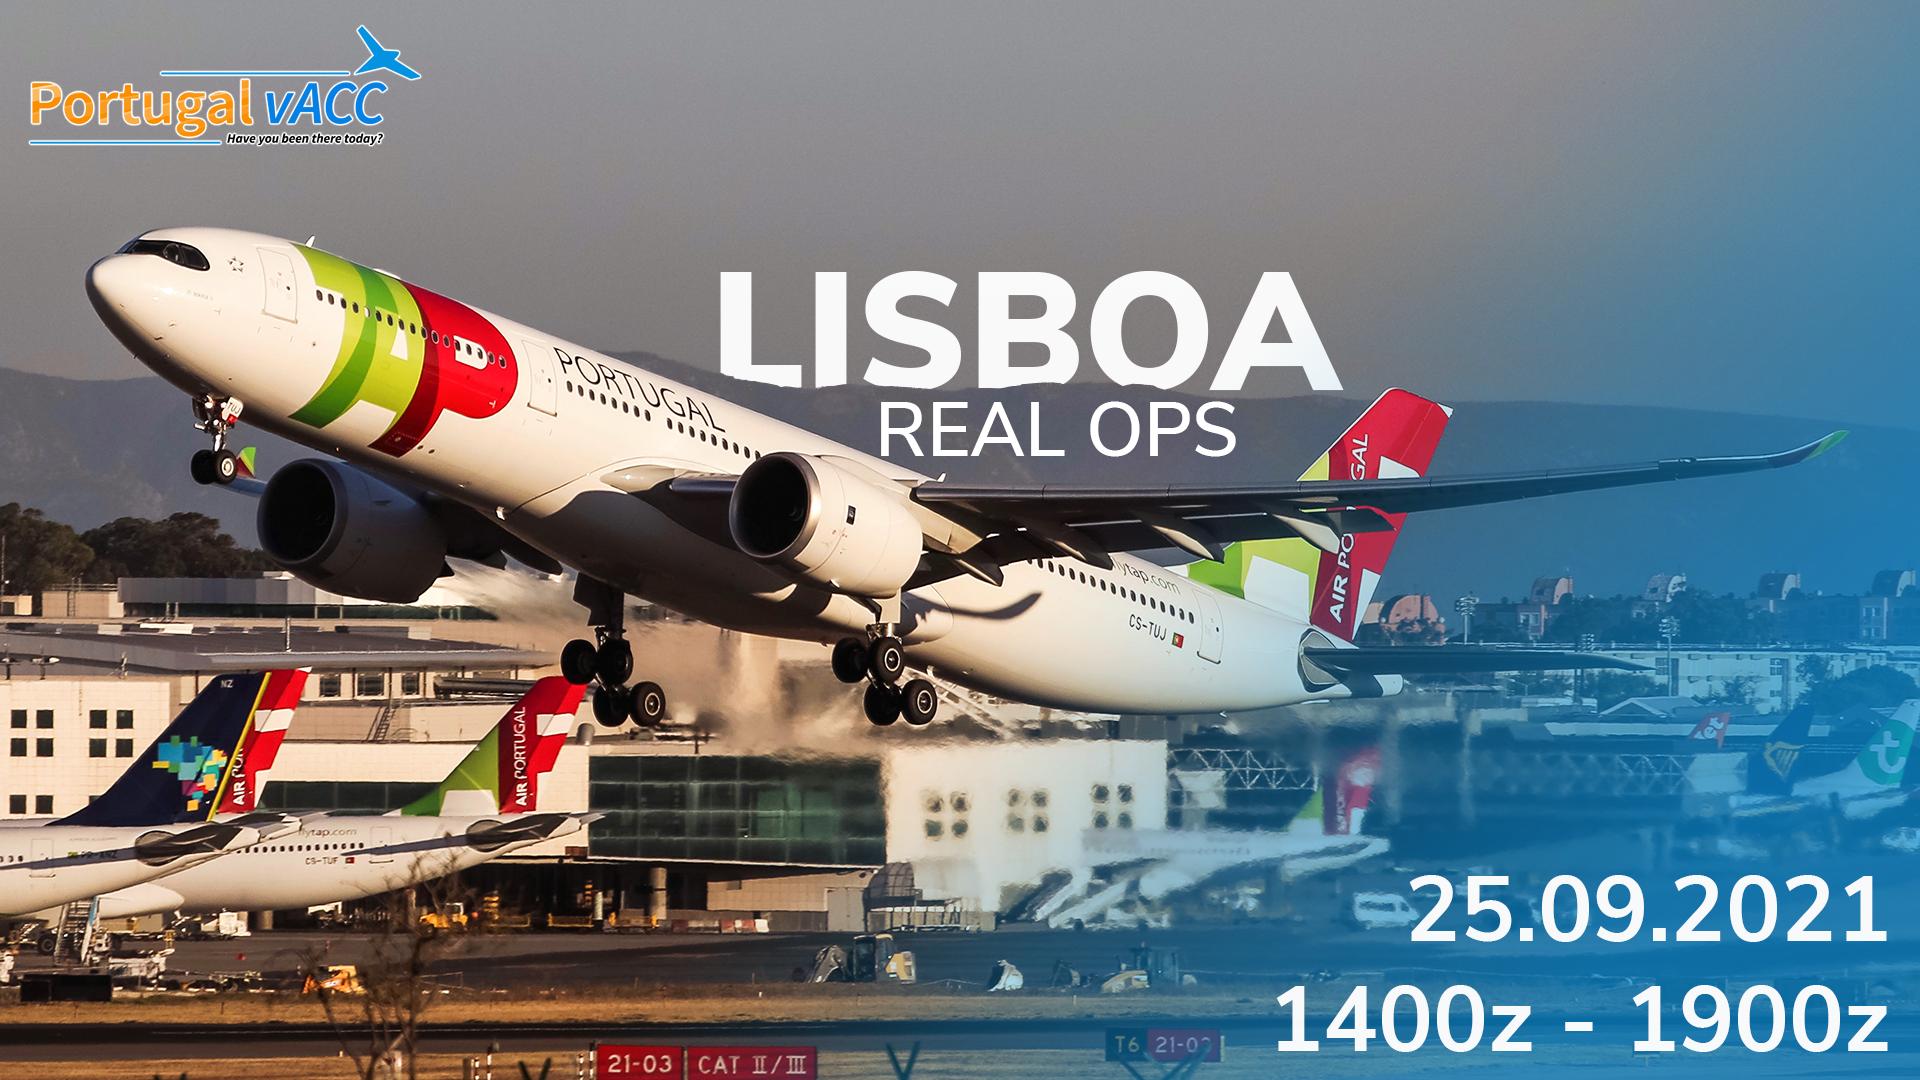 LPPT - Lisboa Real Ops 2021 - Virtual Norwegian Events